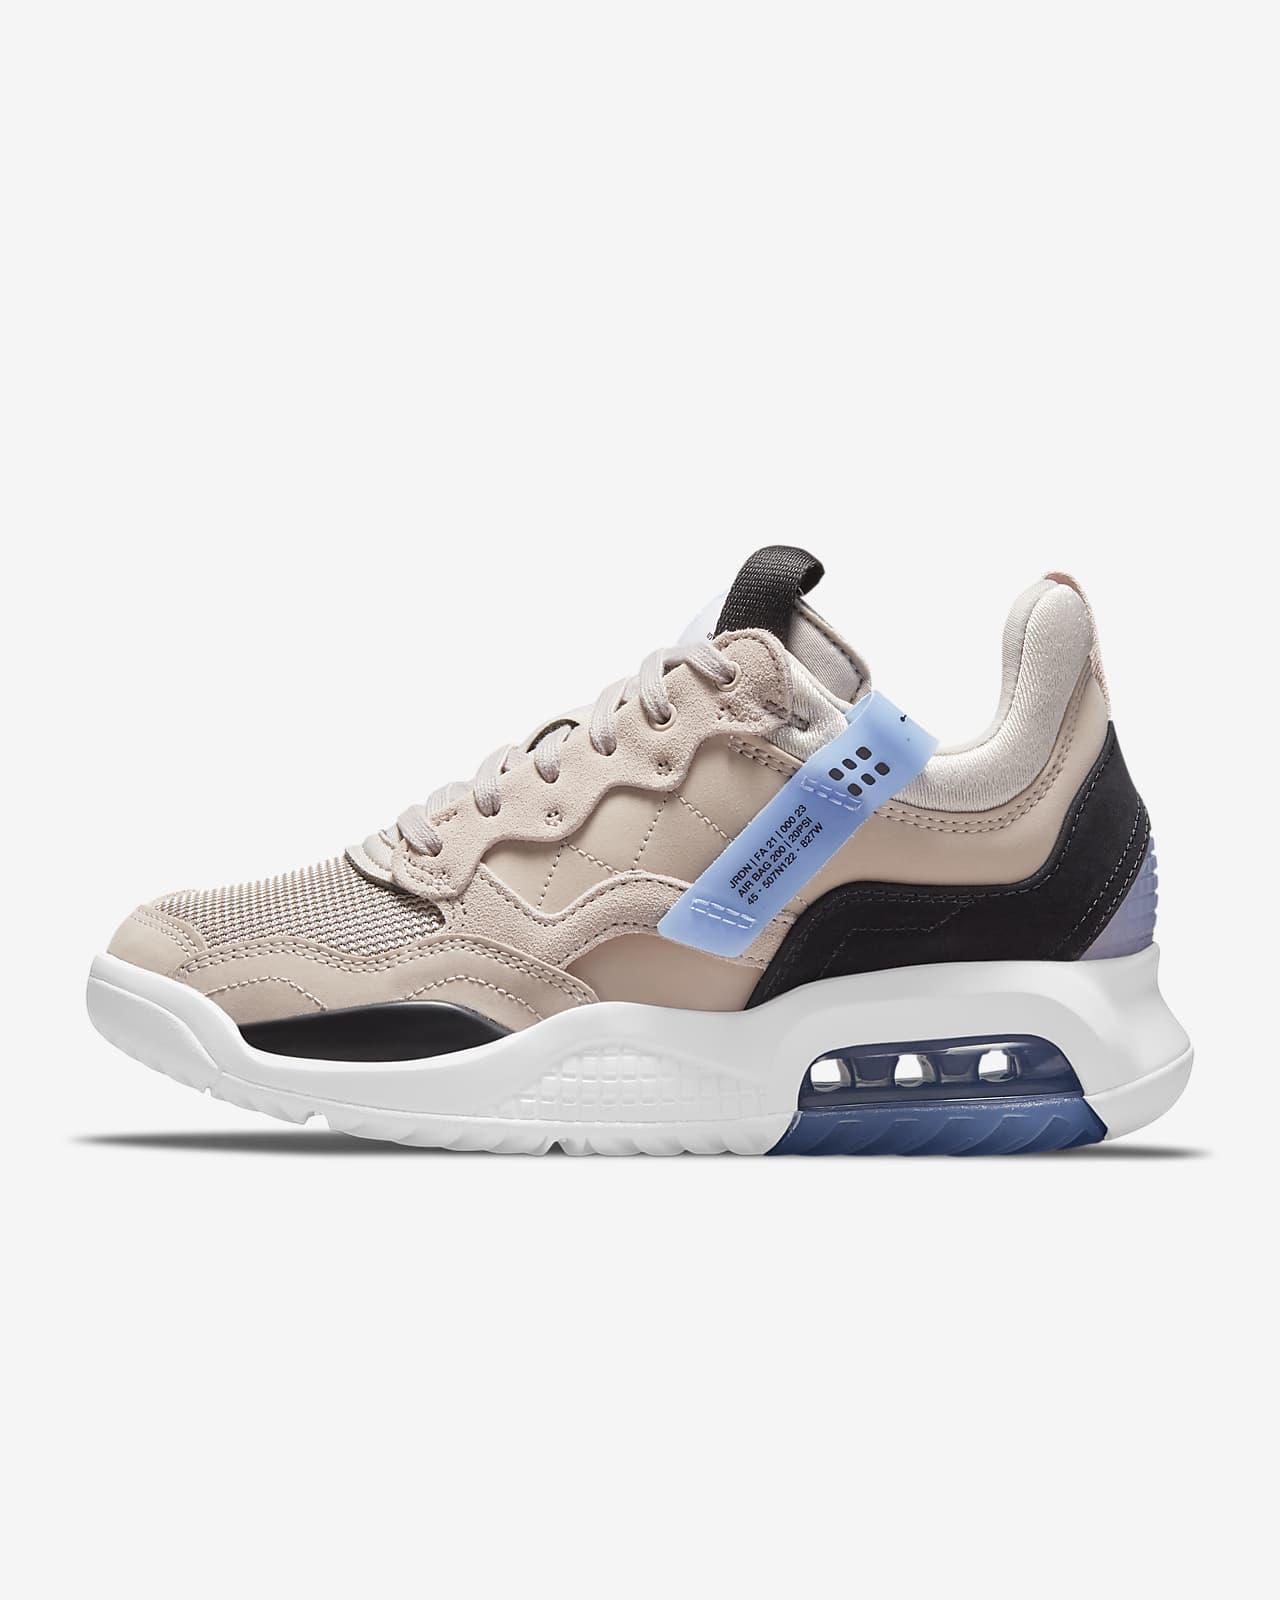 รองเท้าผู้หญิง Jordan MA2